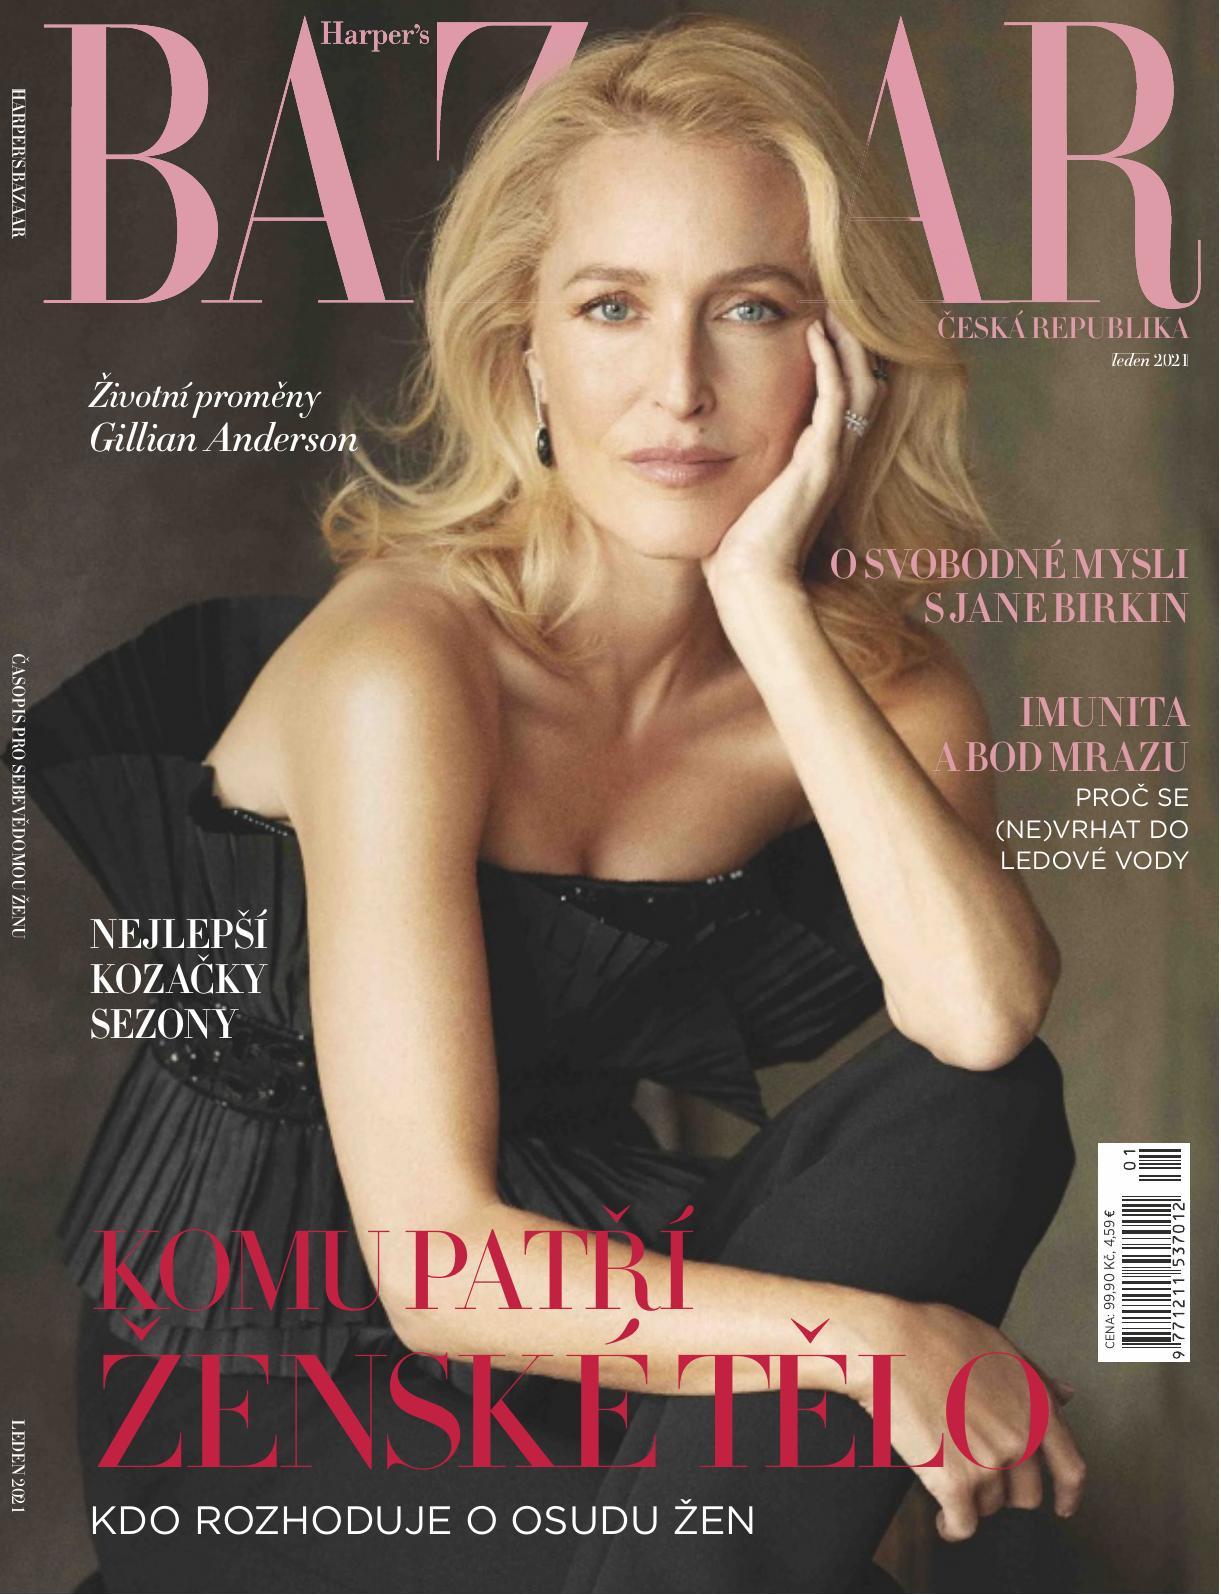 Harper's Bazaar 10.12.2020